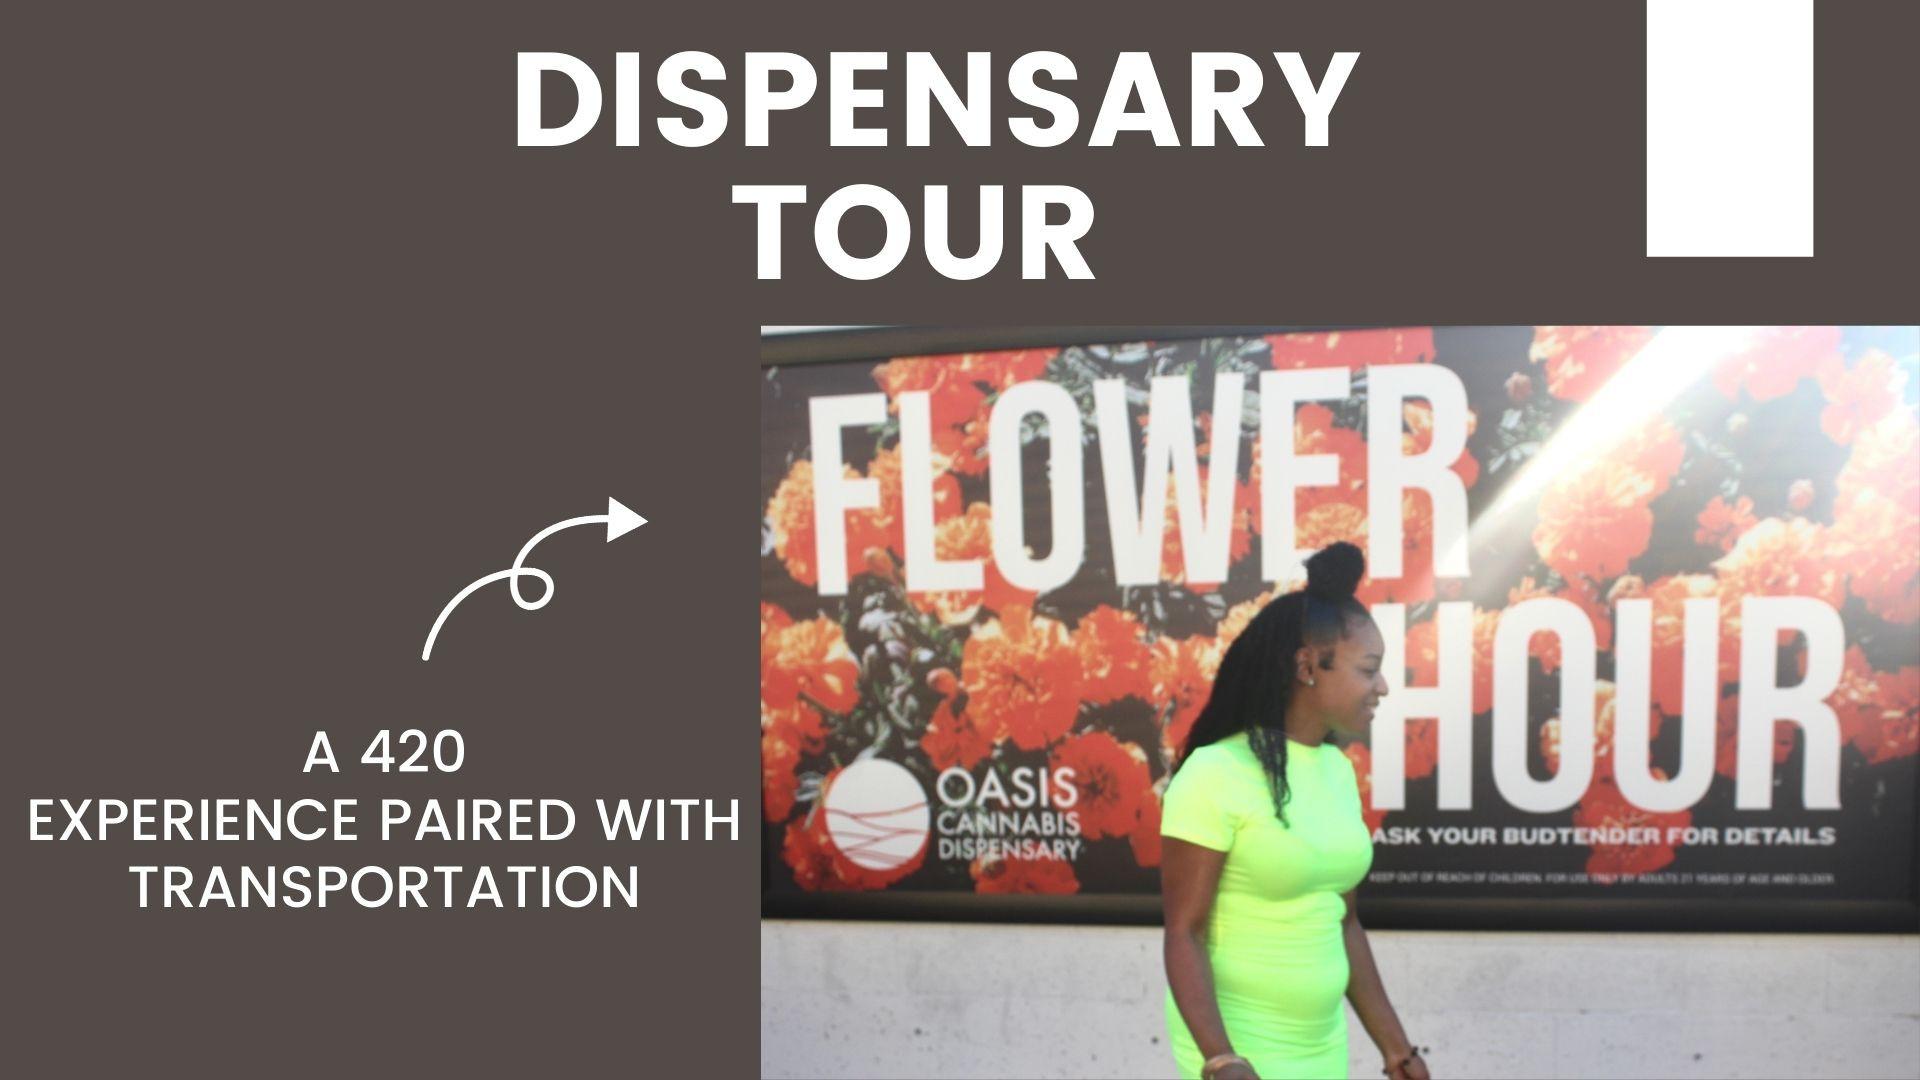 Dispensary Tours in Las Vegas